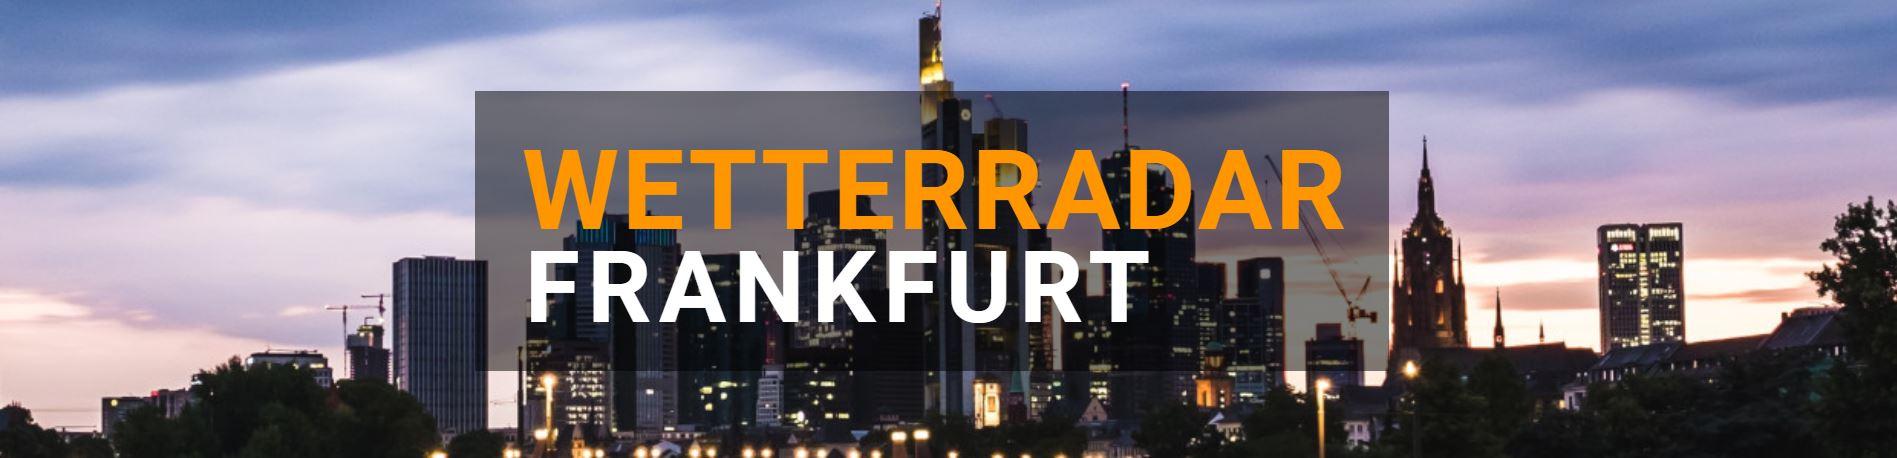 Wetterradar Frankfurt groß